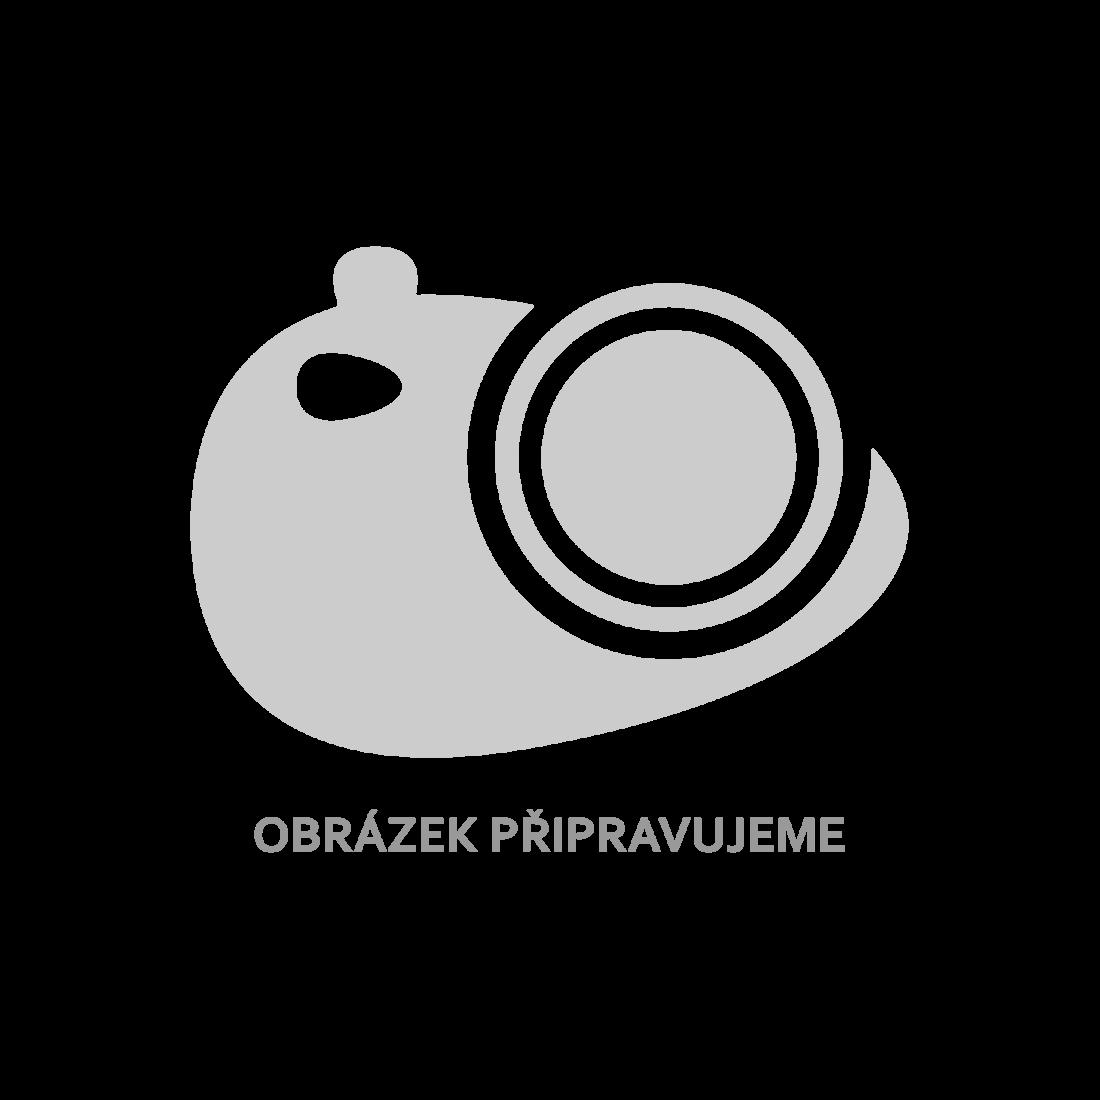 Jídelní set: bílé židle štíhlé 4 ks a 1 skleněný stůl